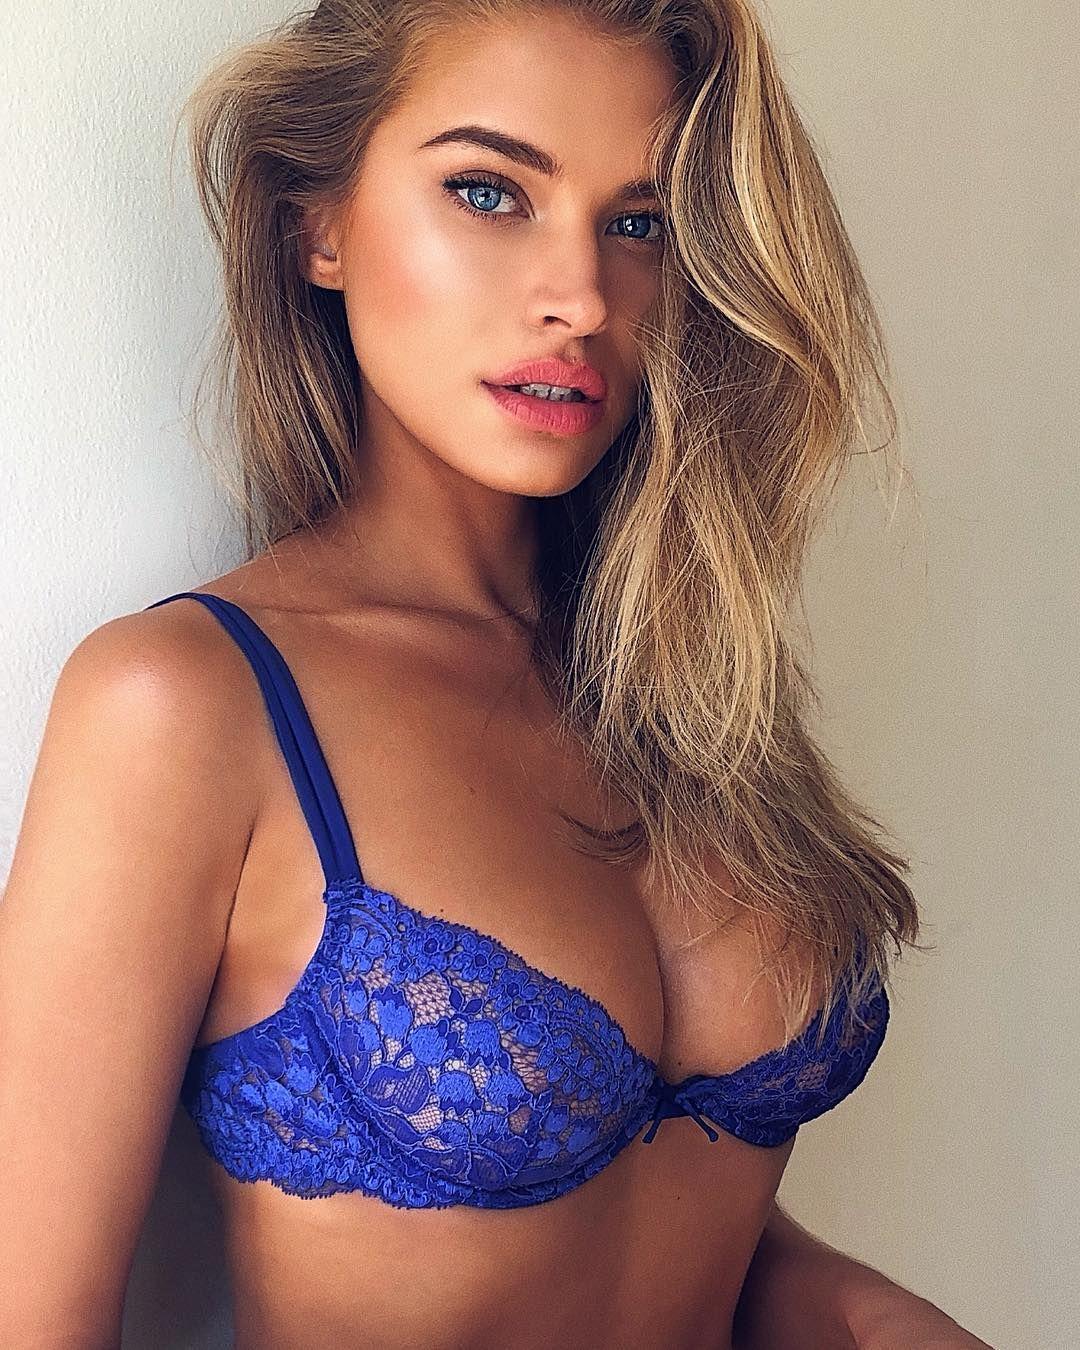 Tanya mityushina sexy 7 Photos nudes (73 photo), Hot Celebrites image